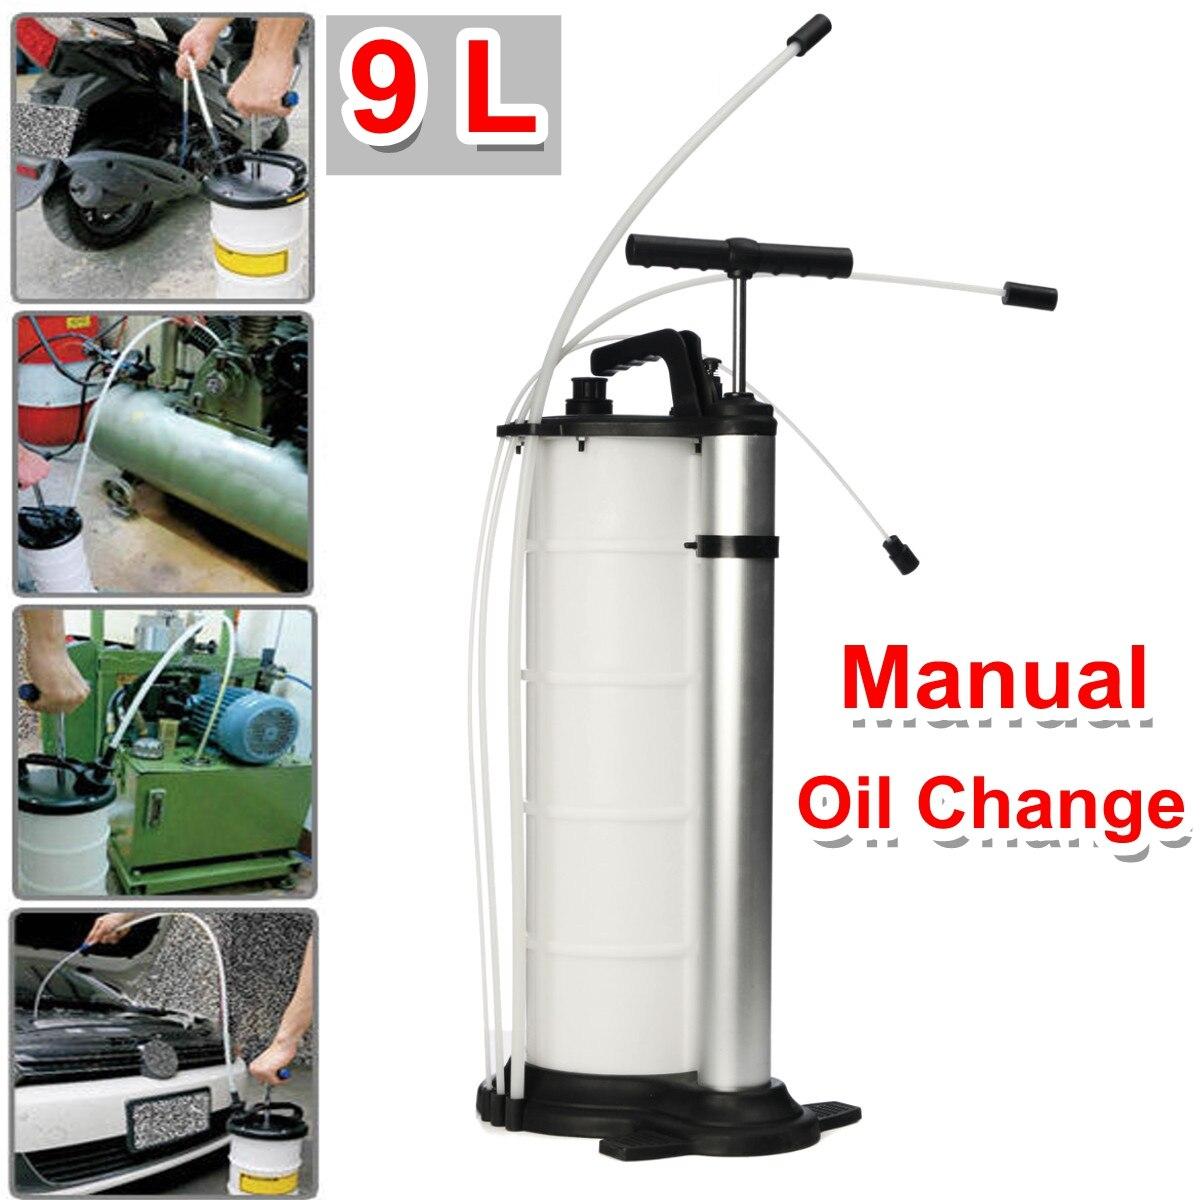 9L D'huile Vide D'aspiration De Fluide Extracteur Changeur Manuel De Voiture De La Pompe De Carburant Remover